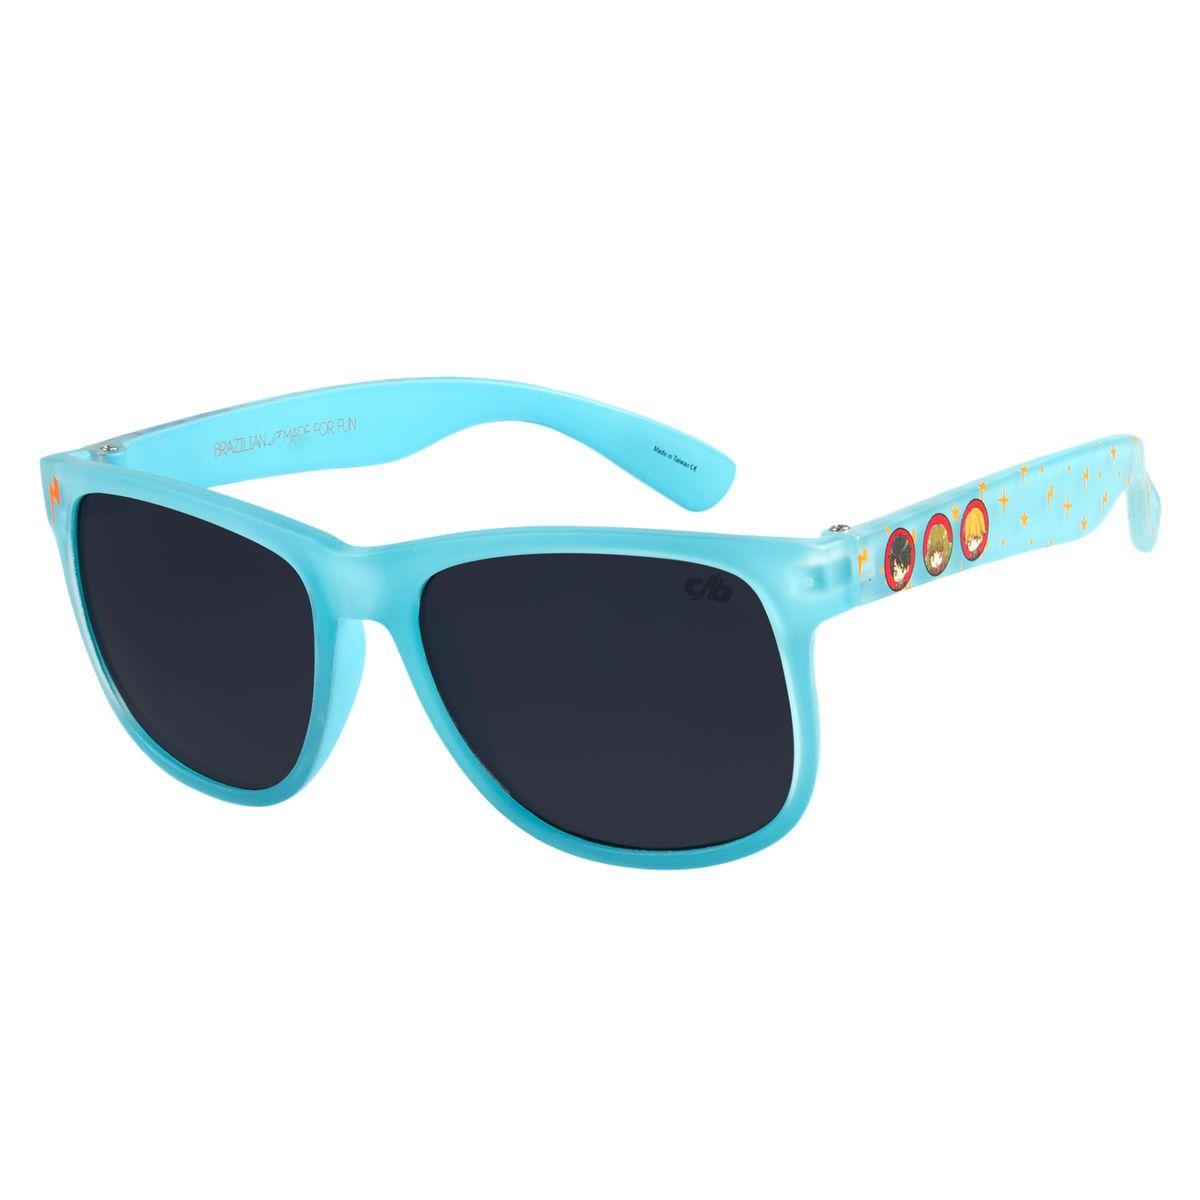 6b944eb13 Óculos de Sol Infantil Harry Potter Azul 0580 - Chilli Beans